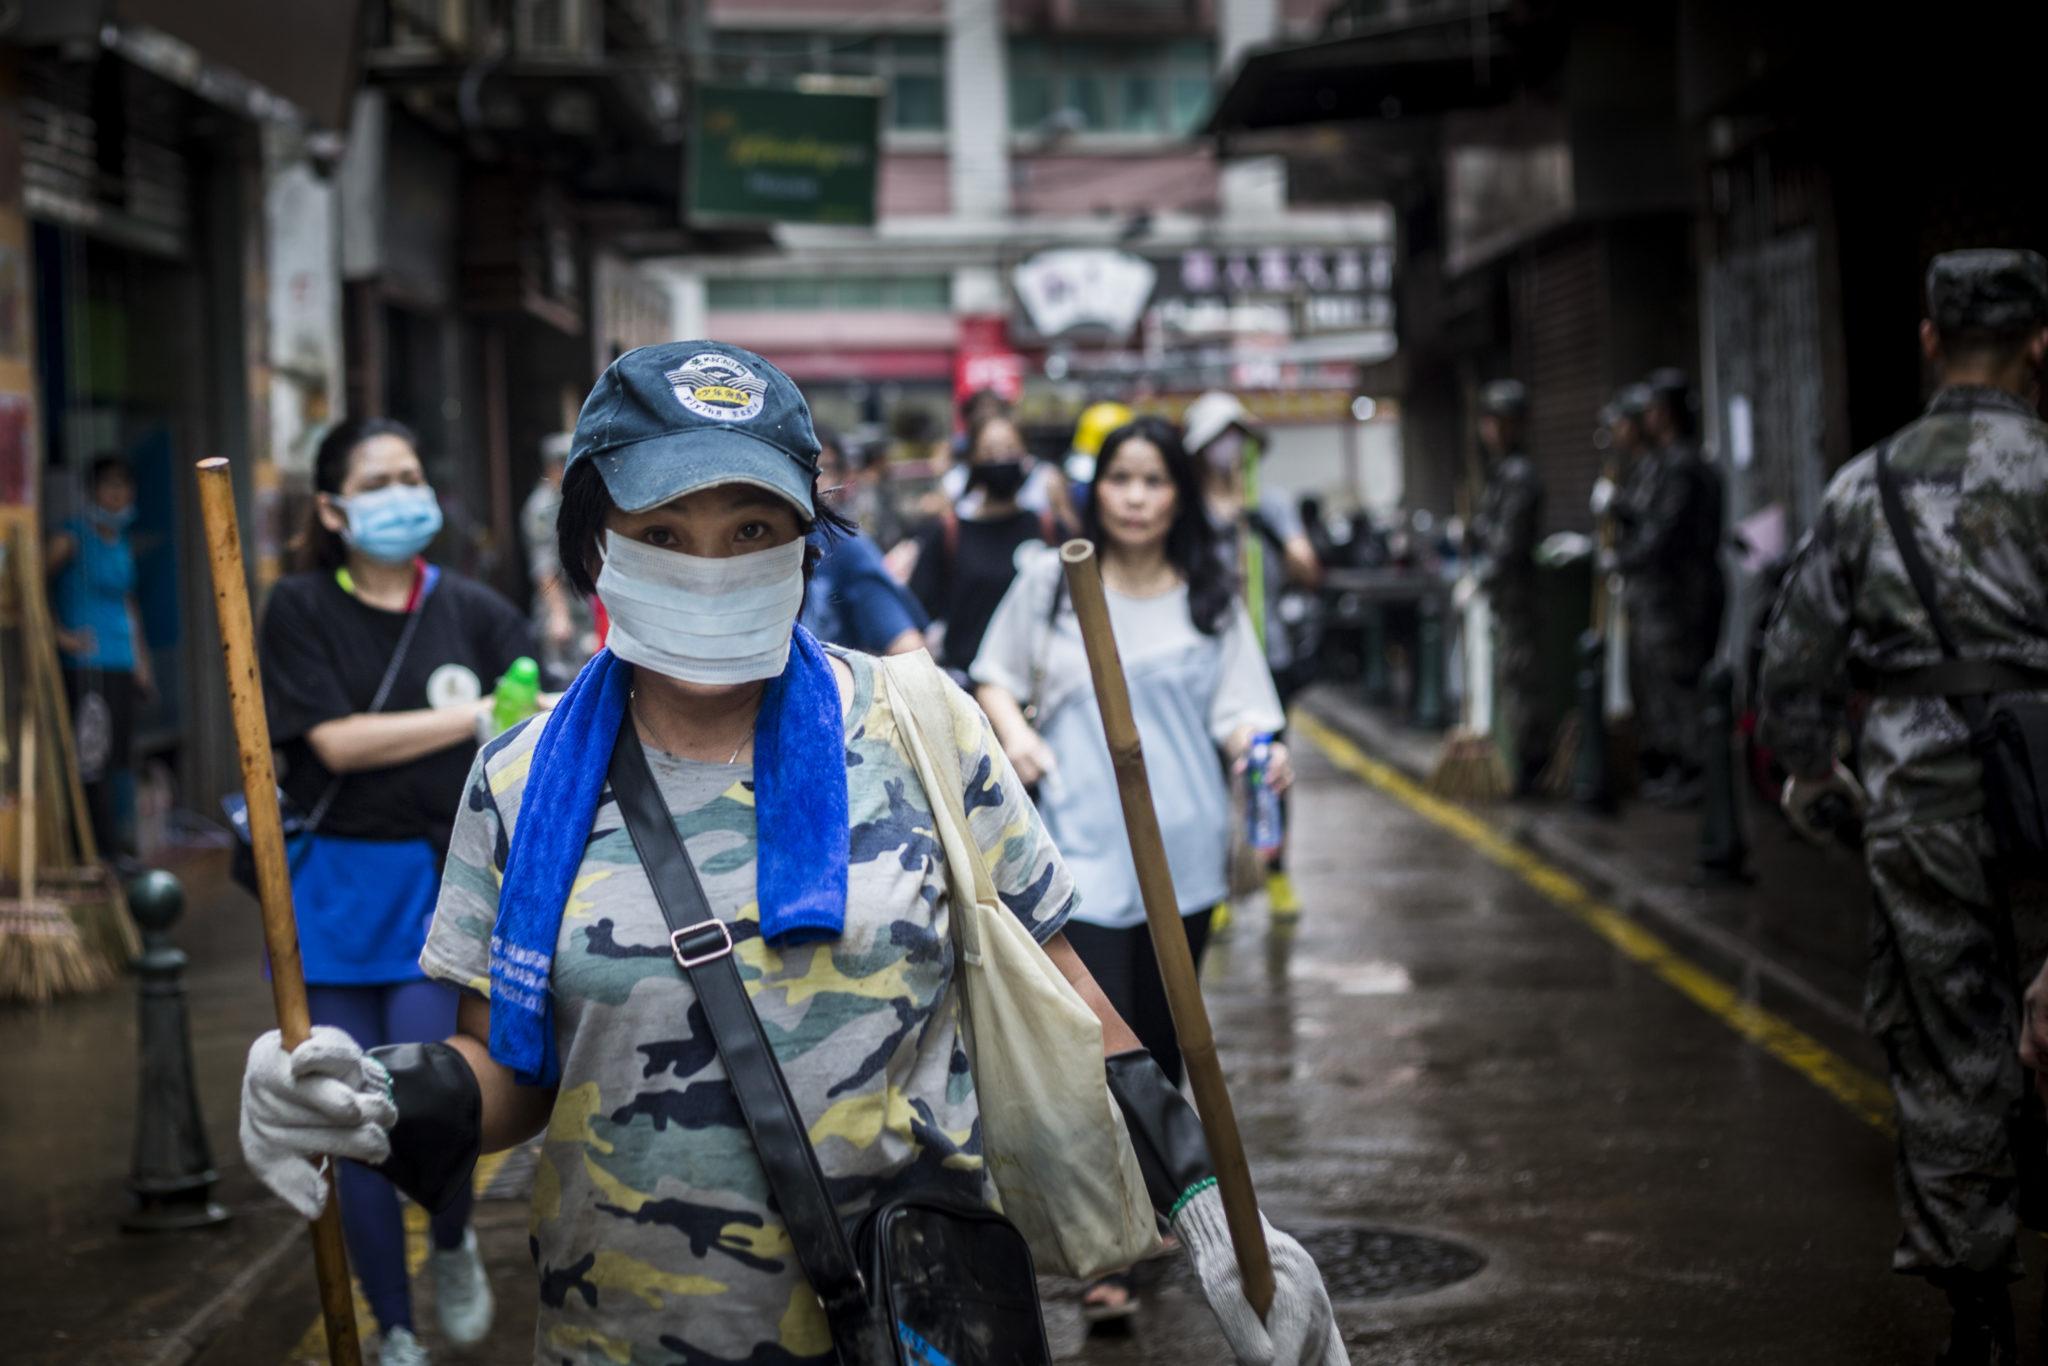 Tufão Hato   Voluntários ajudaram a limpar as ruas